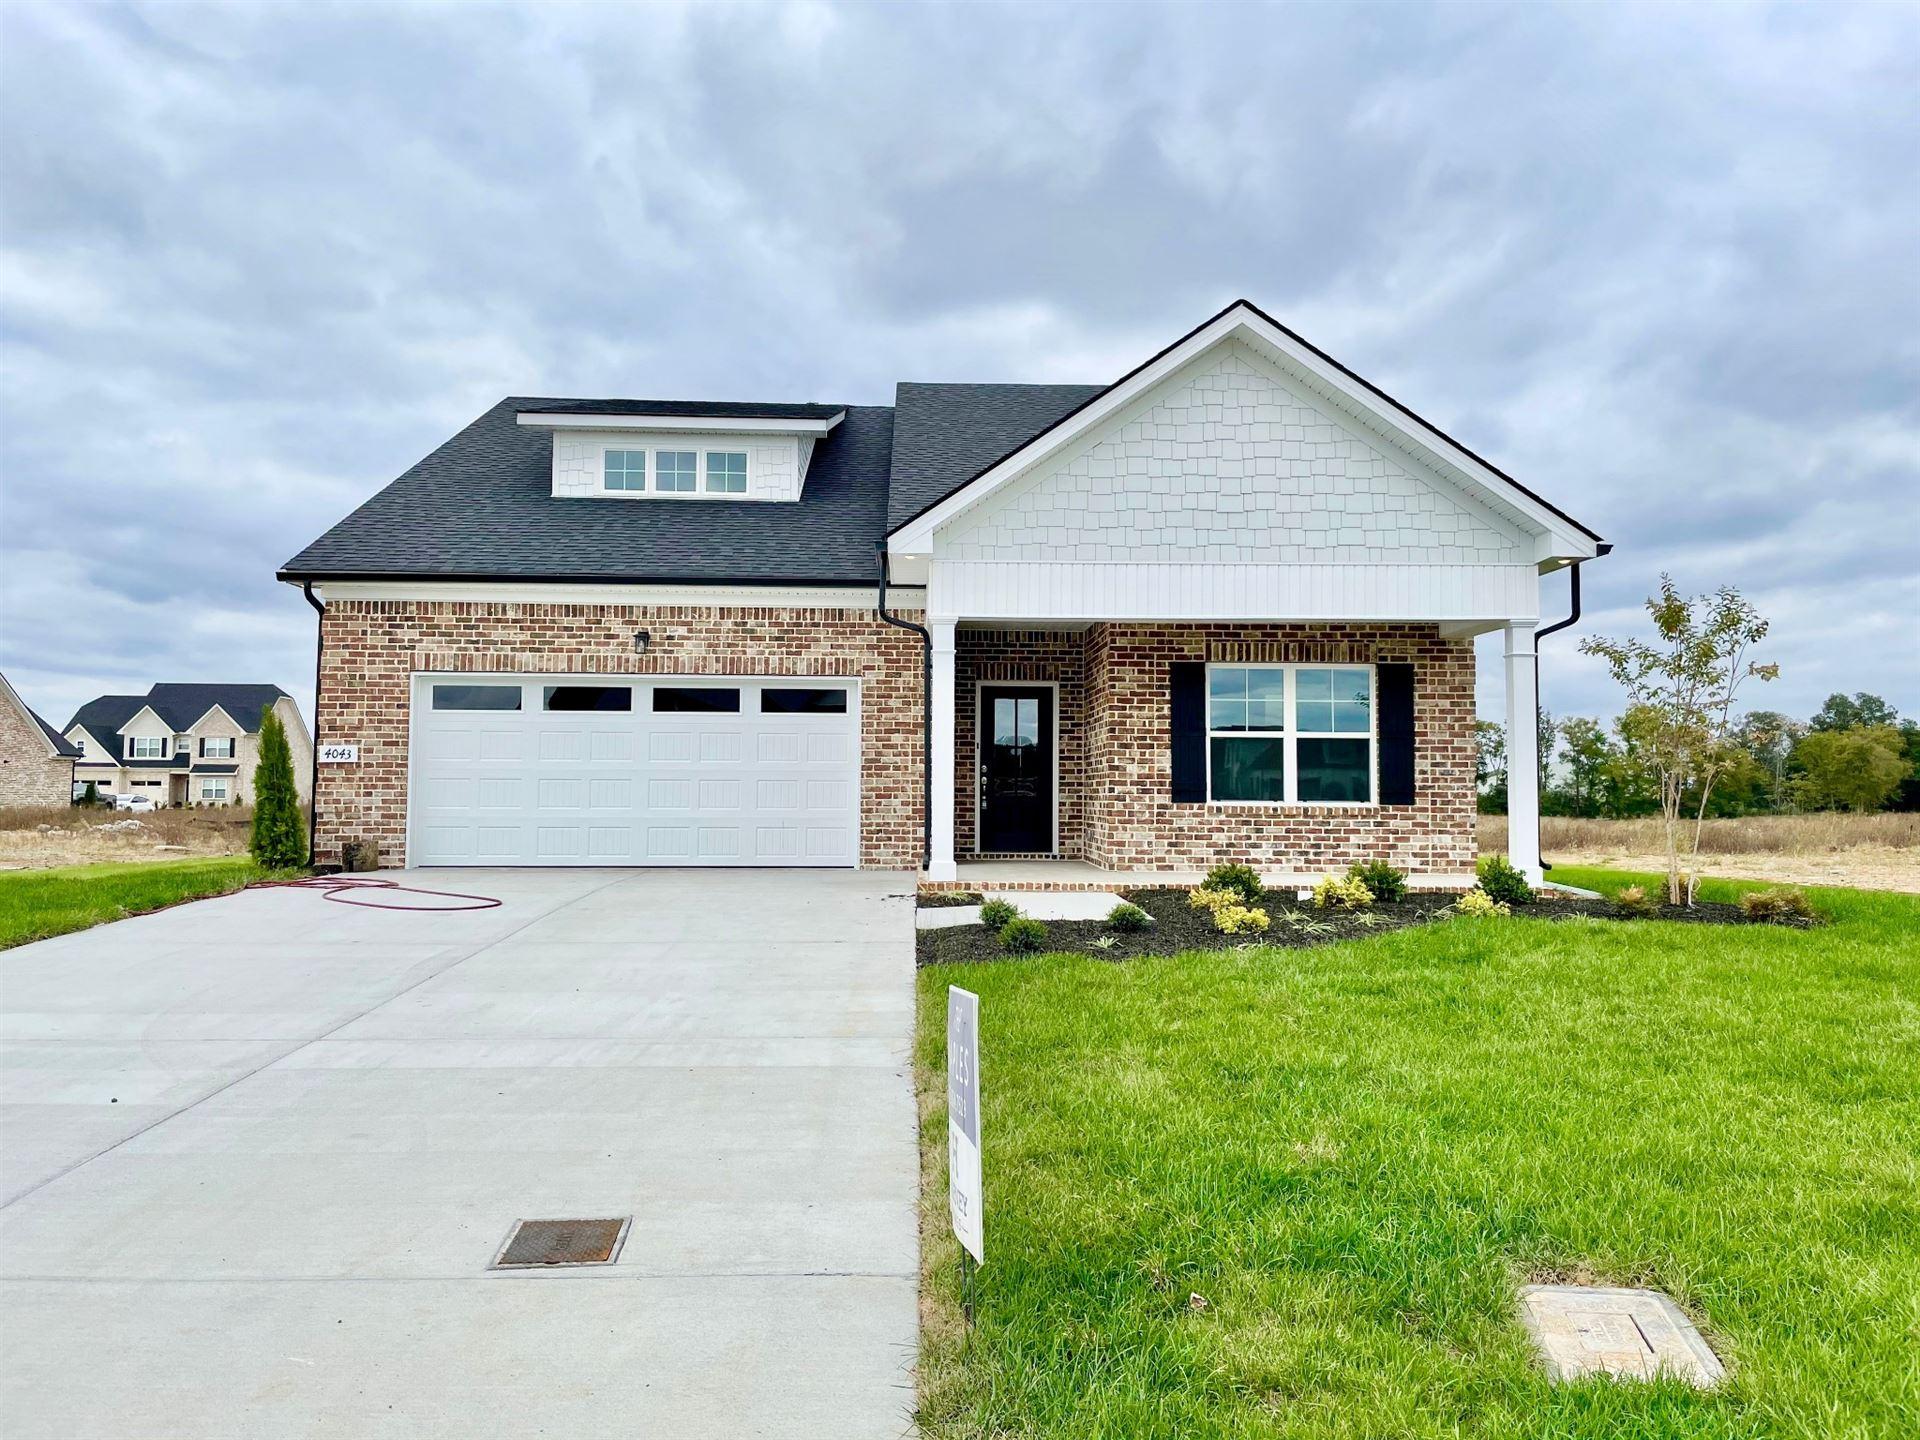 4043 Maples Farm Dr (Lot 138), Murfreesboro, TN 37127 - MLS#: 2302441